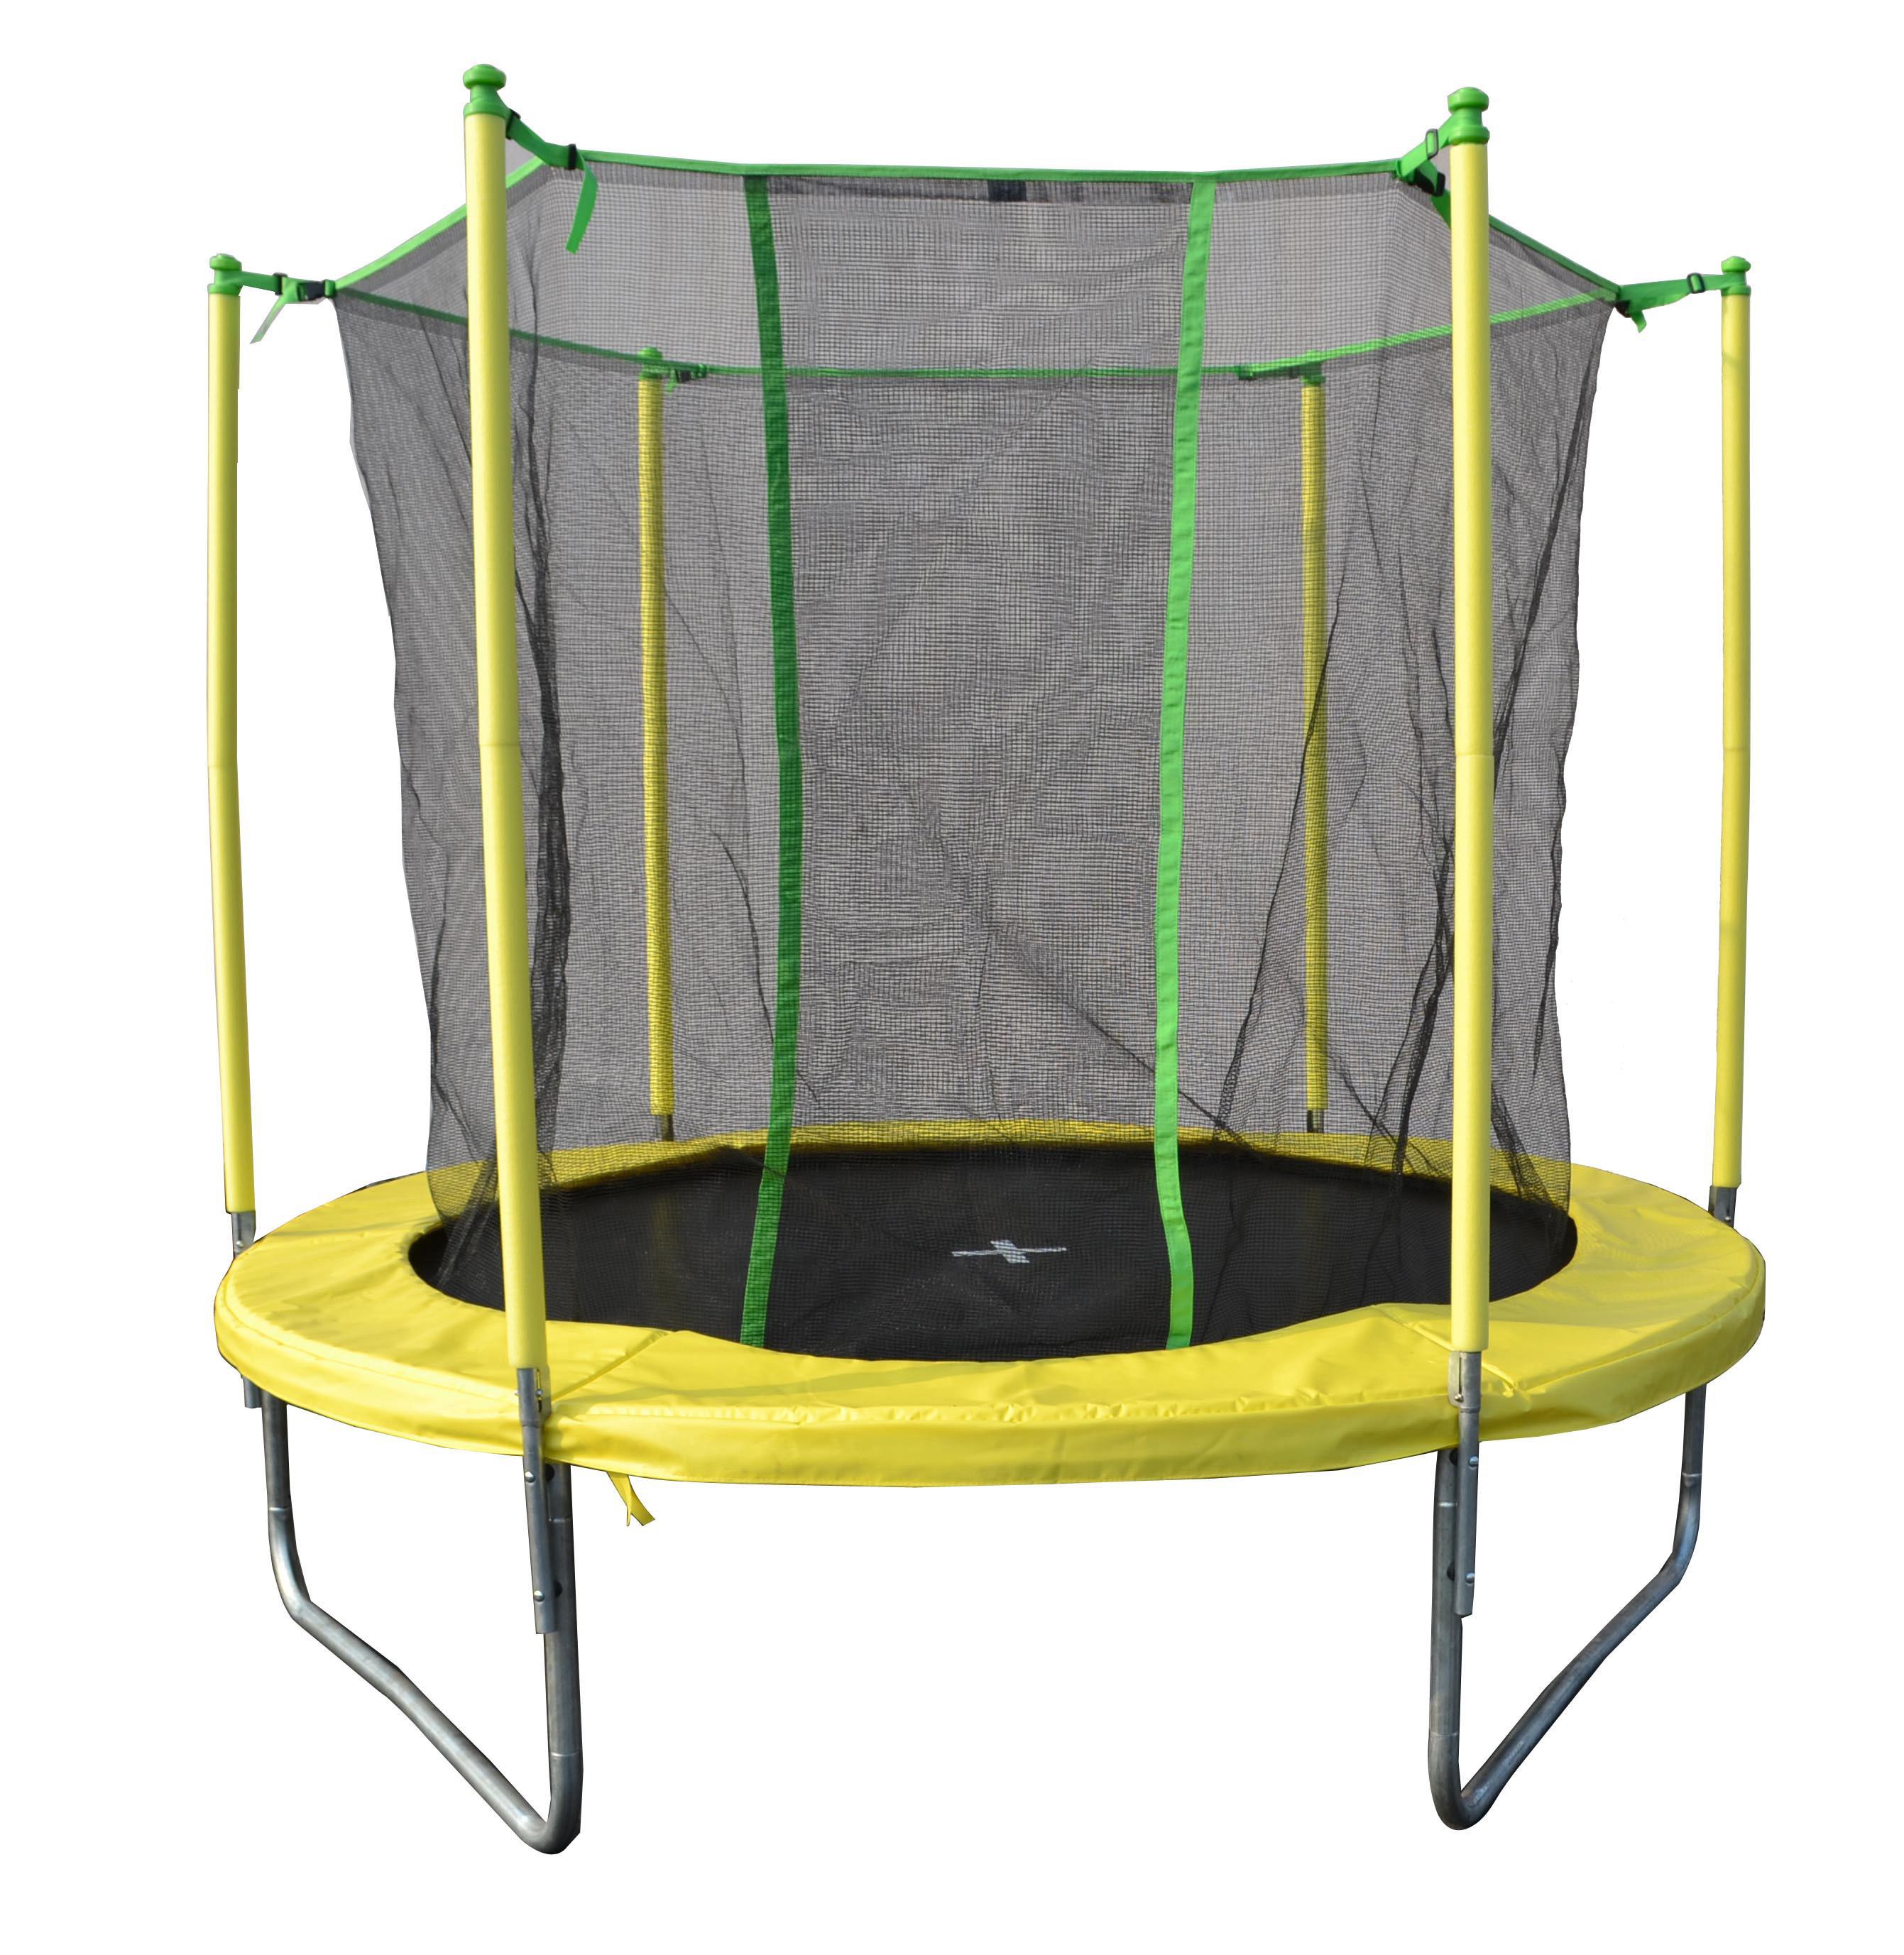 soldes trampoline gallery of jeux de jardin et duextrieur pas cher prix auchan balanoire. Black Bedroom Furniture Sets. Home Design Ideas